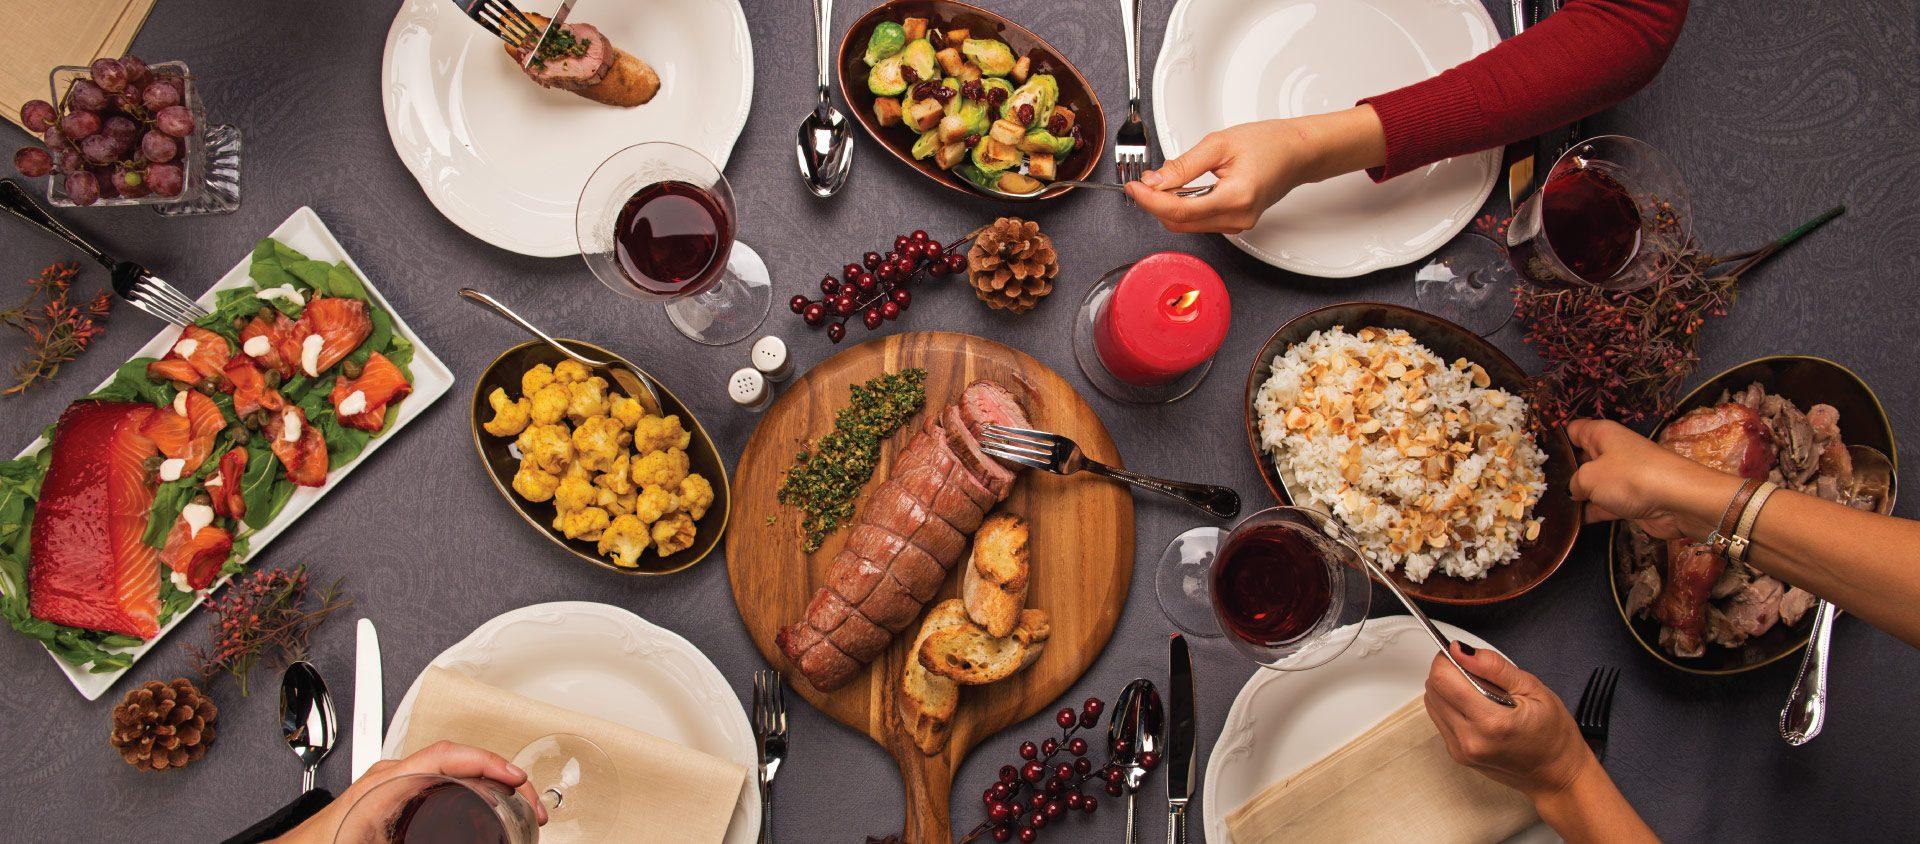 Alimentação nas festas de fim de ano